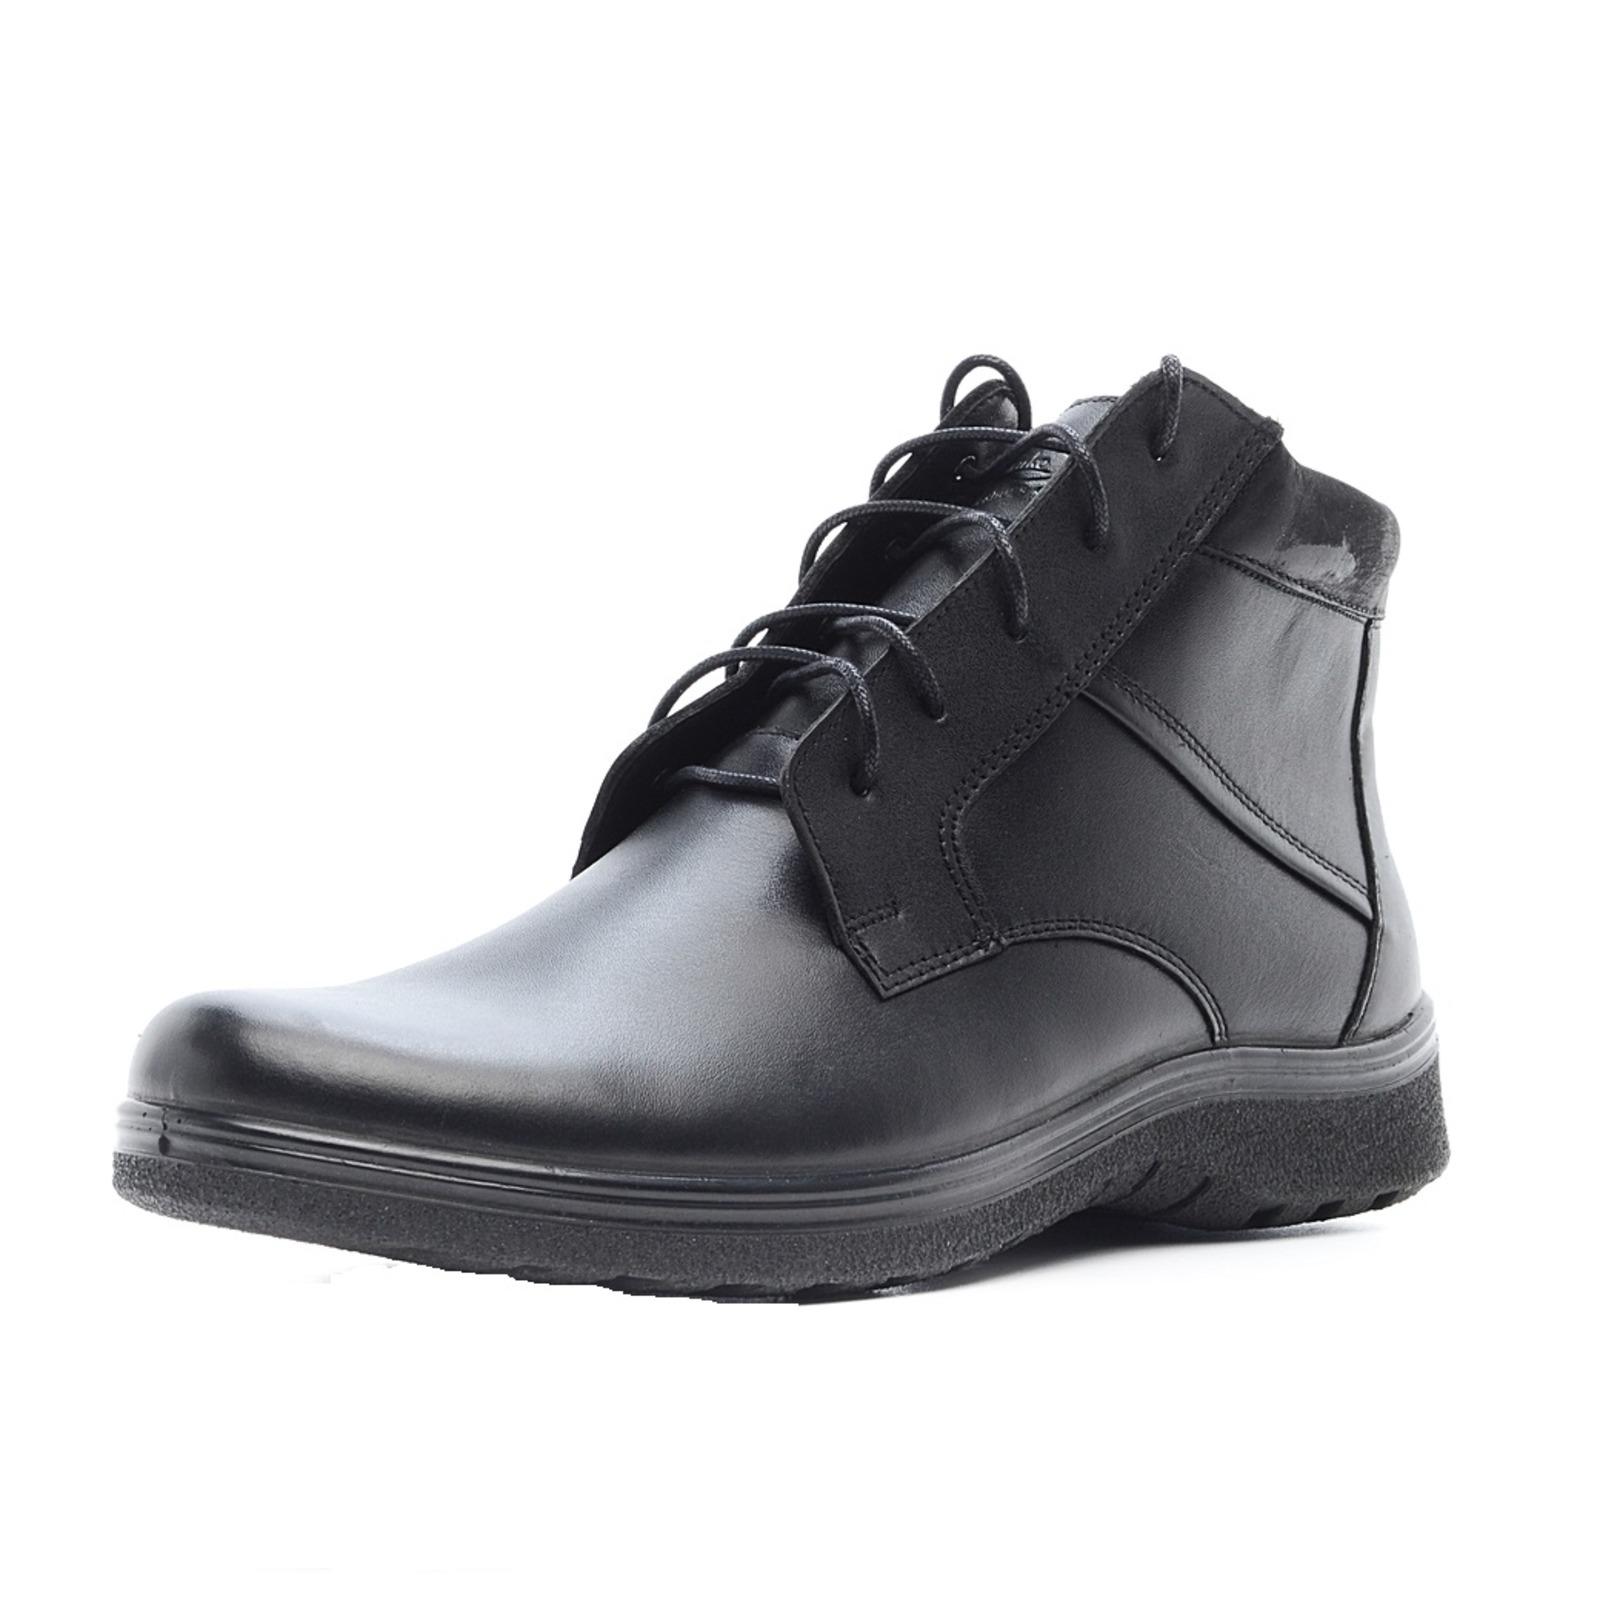 Выcoкиe мужские ботинки на шнуровке